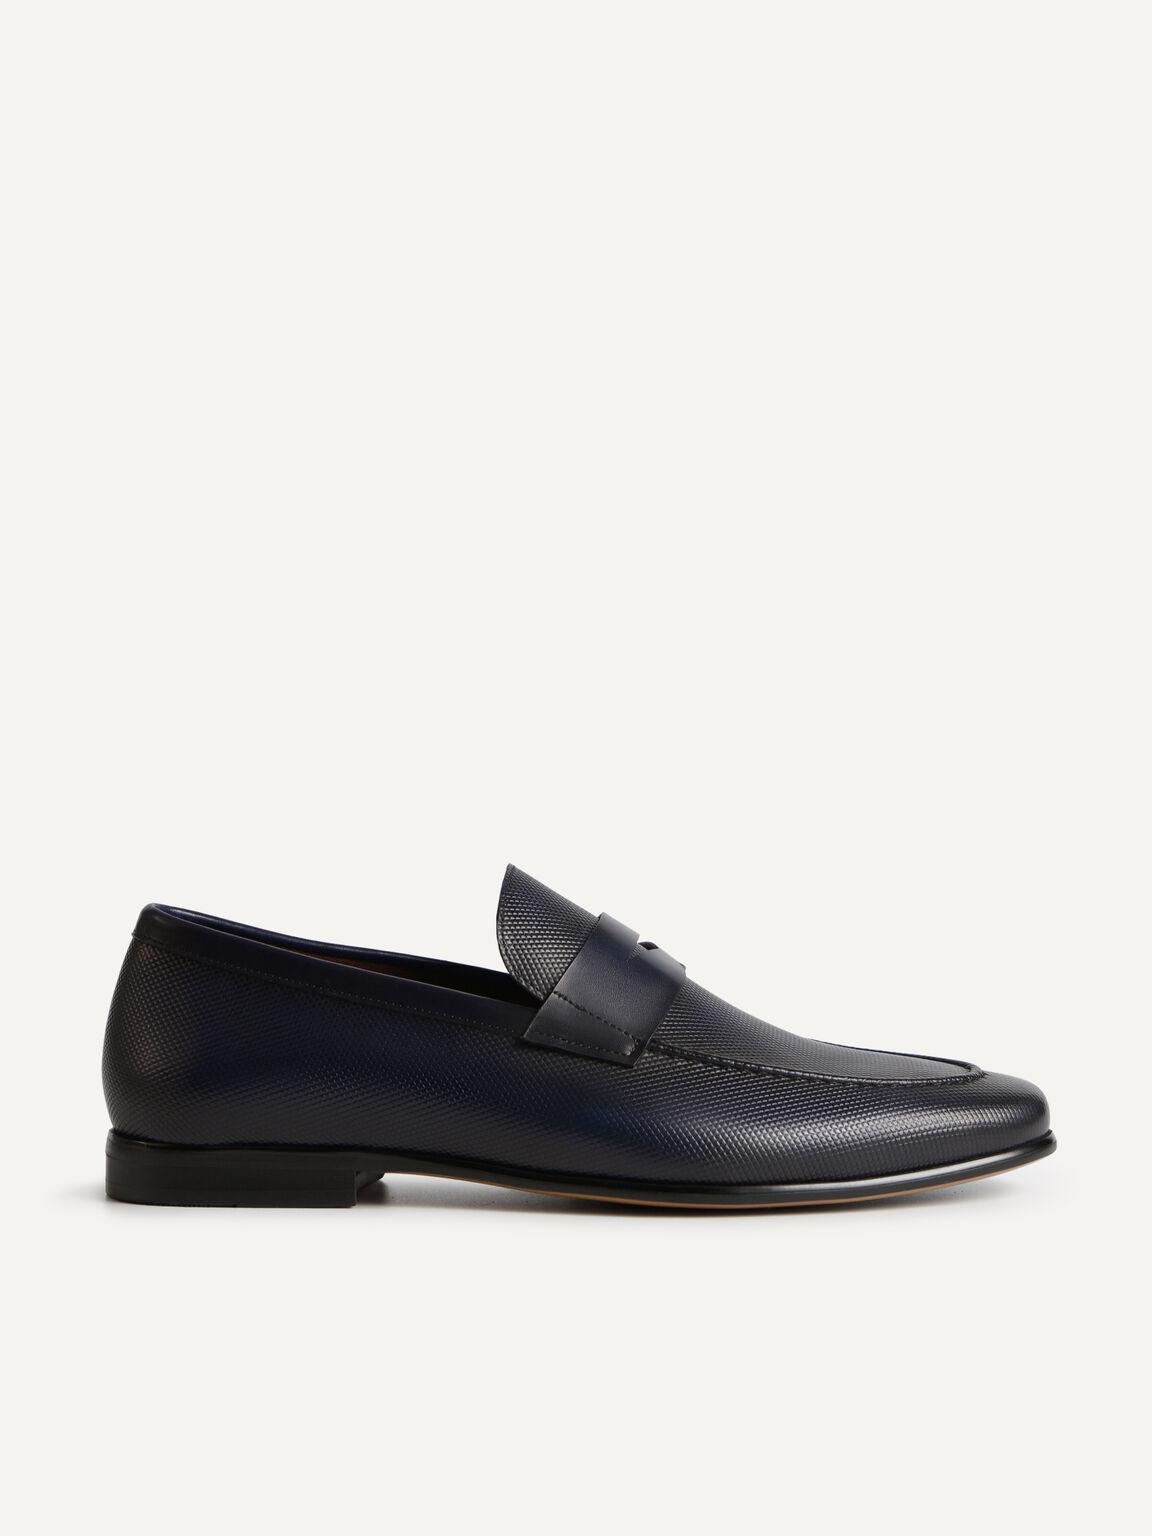 織紋皮革樂福鞋, 海军蓝色, hi-res